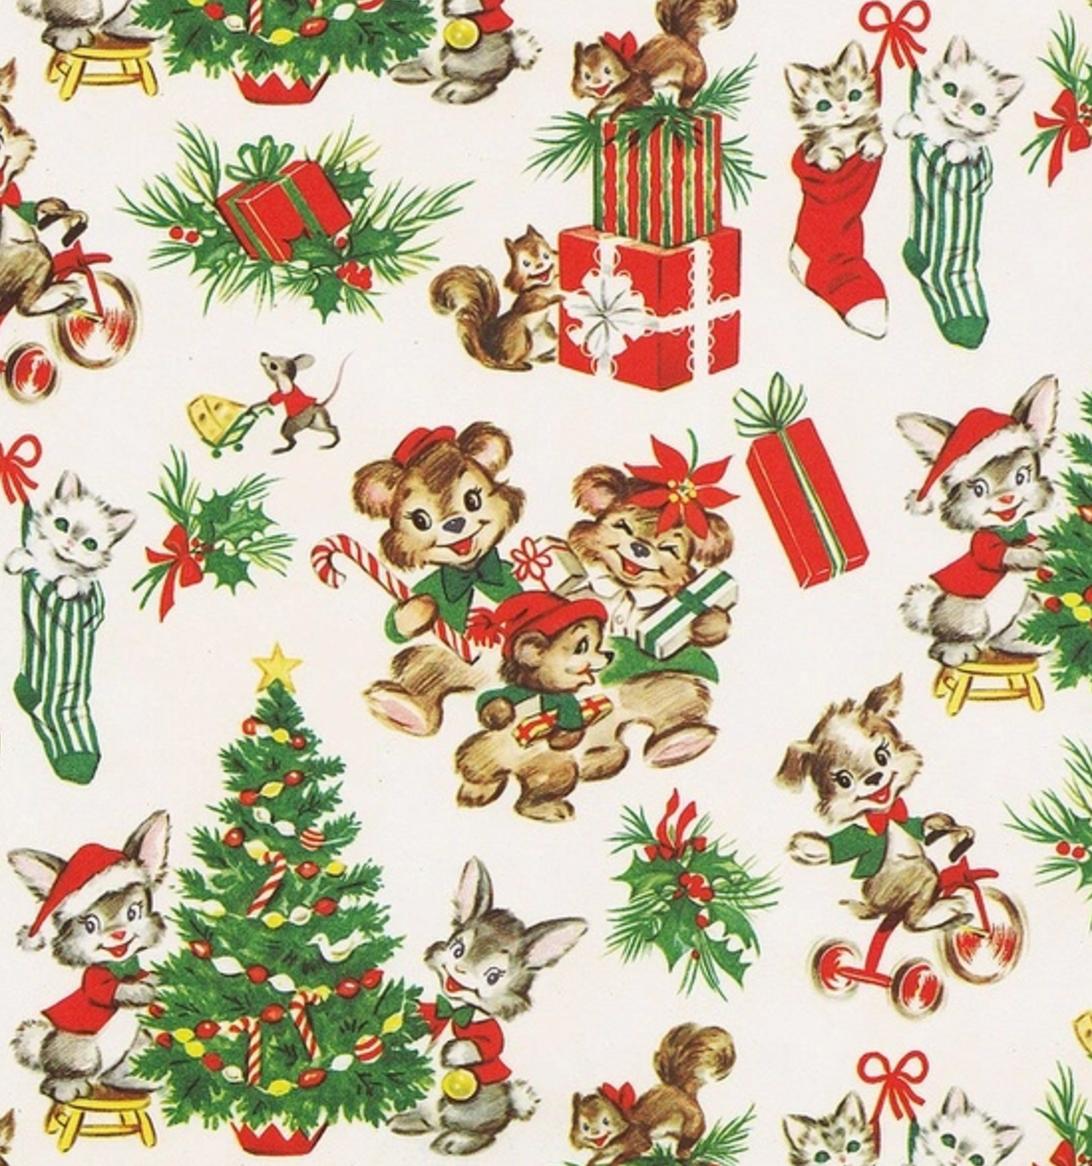 Vintage Gift Wrap. Retro Gift Wrap. Christmas Bears.